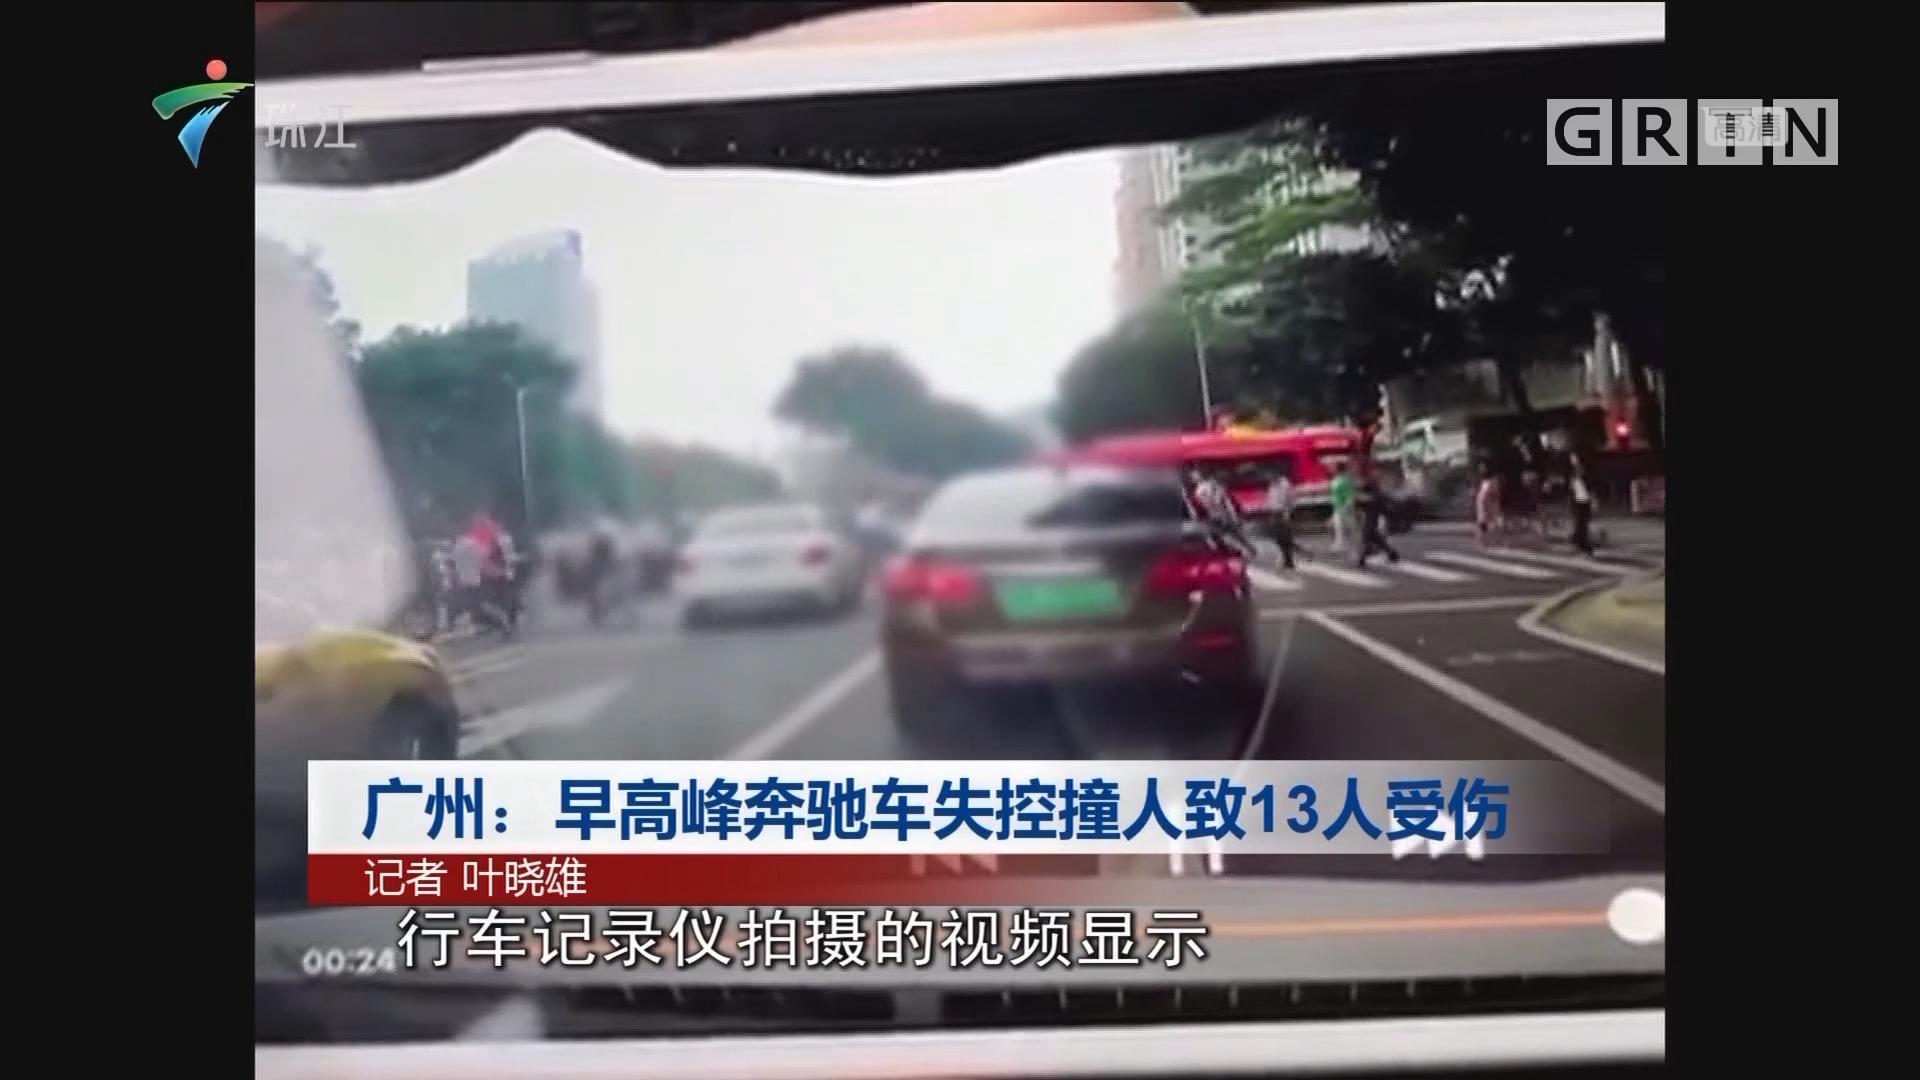 廣州:早高峰奔馳車失控撞人致13人受傷